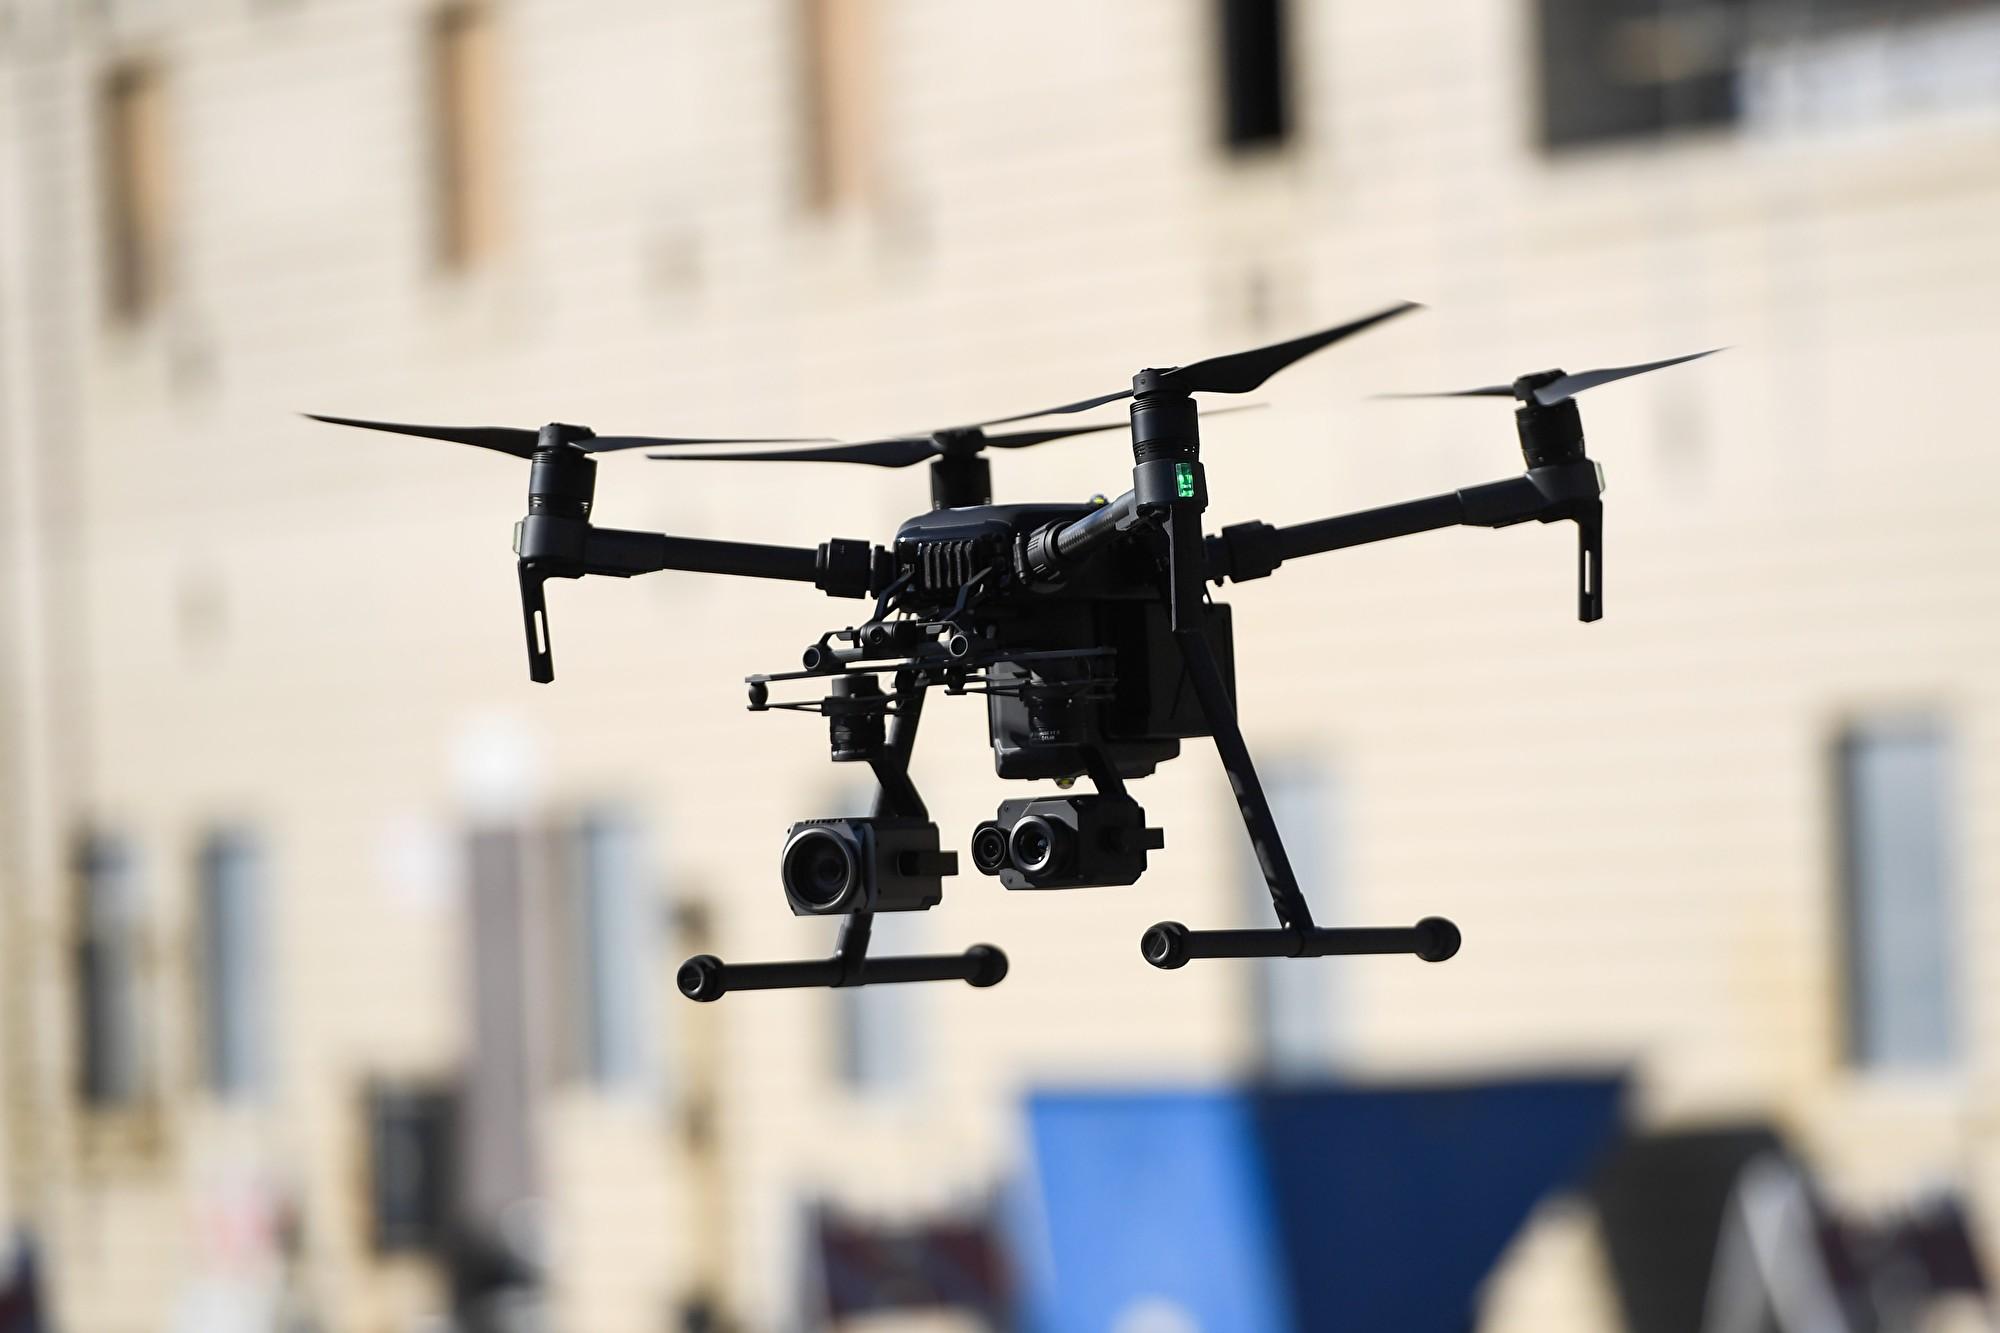 大疆無人機具國安風險 美議員:司法部應禁飛